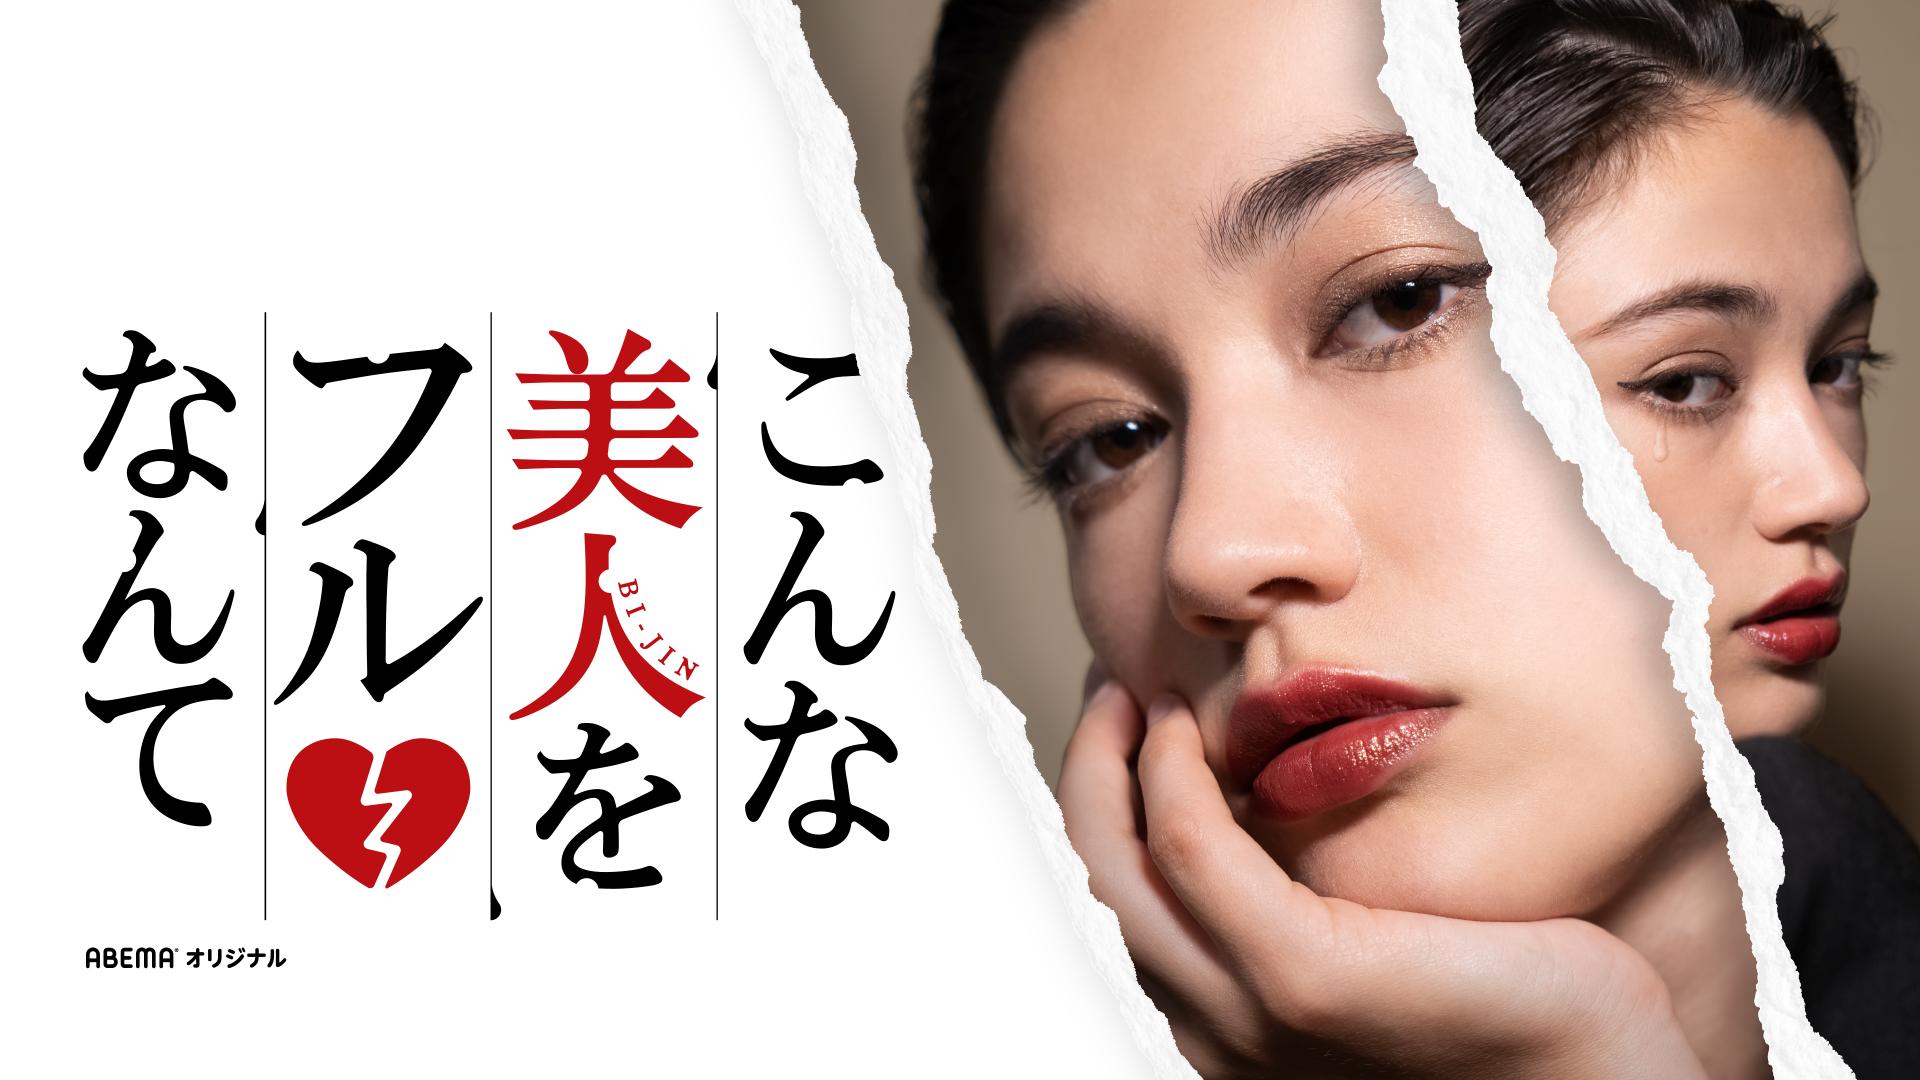 新感覚恋愛バラエティ「こんな美人をフルなんて」6月13日(日)夜11時 AbemaTVでスタート